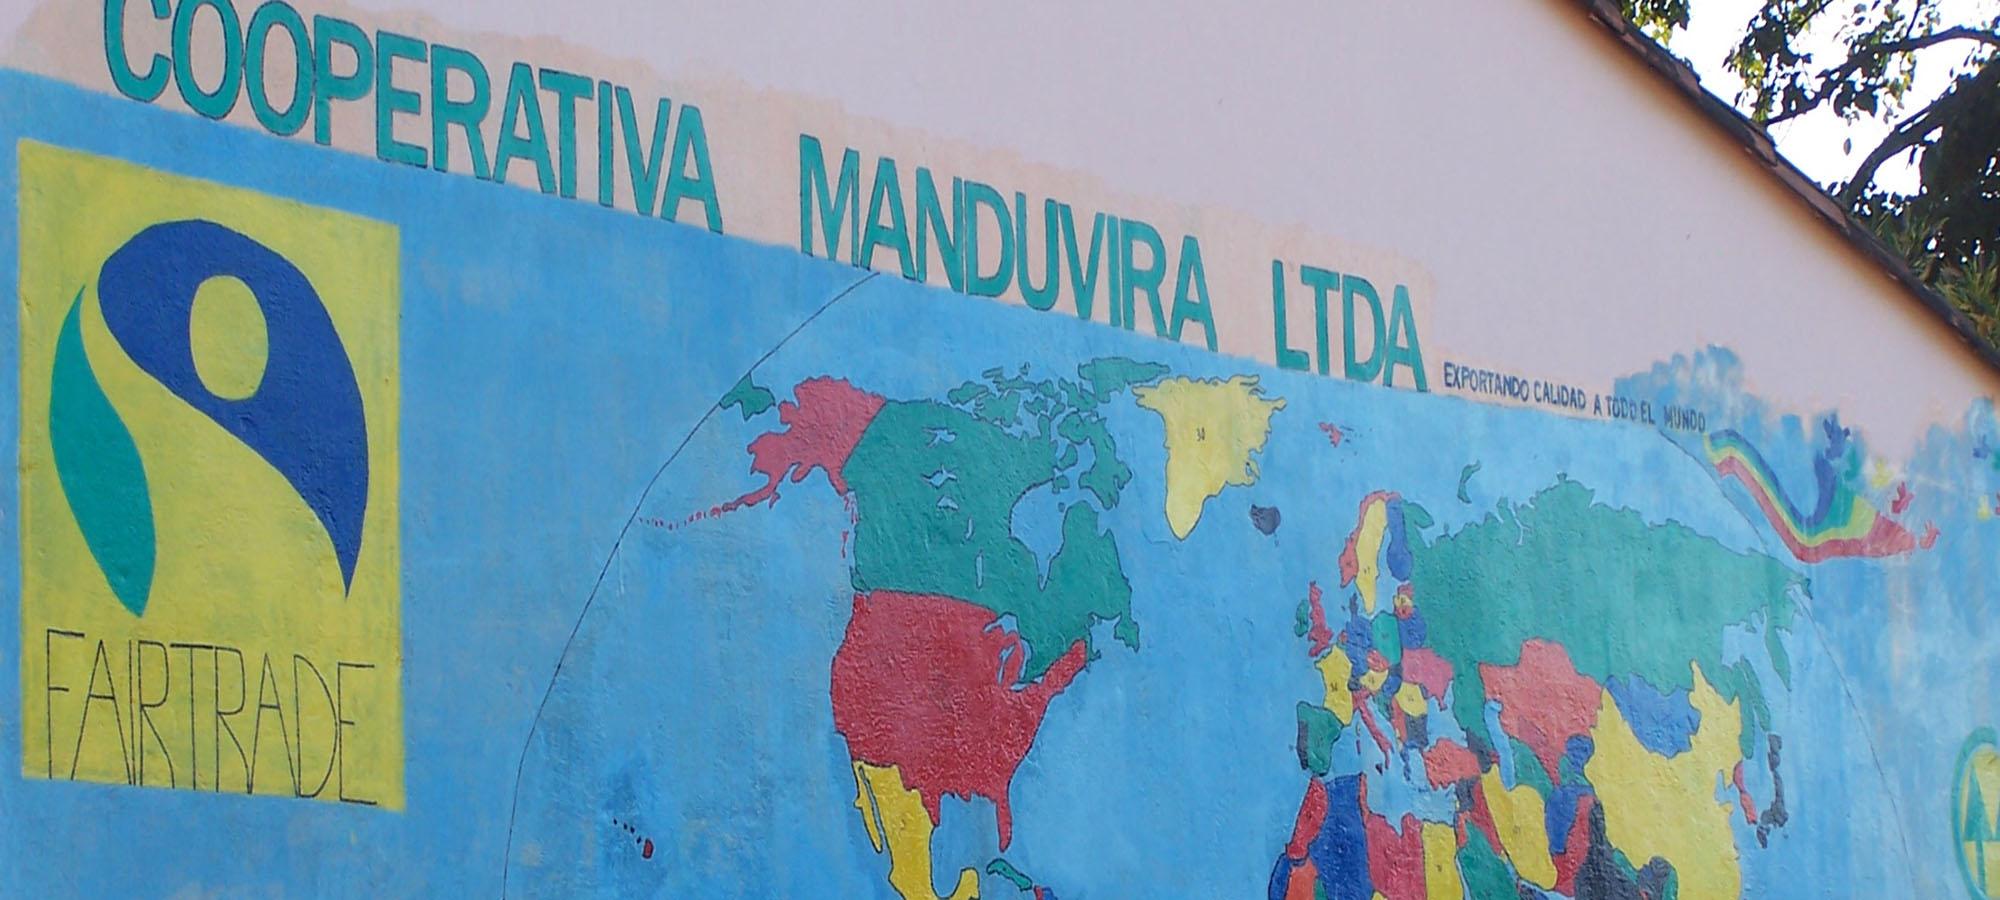 Manduvria